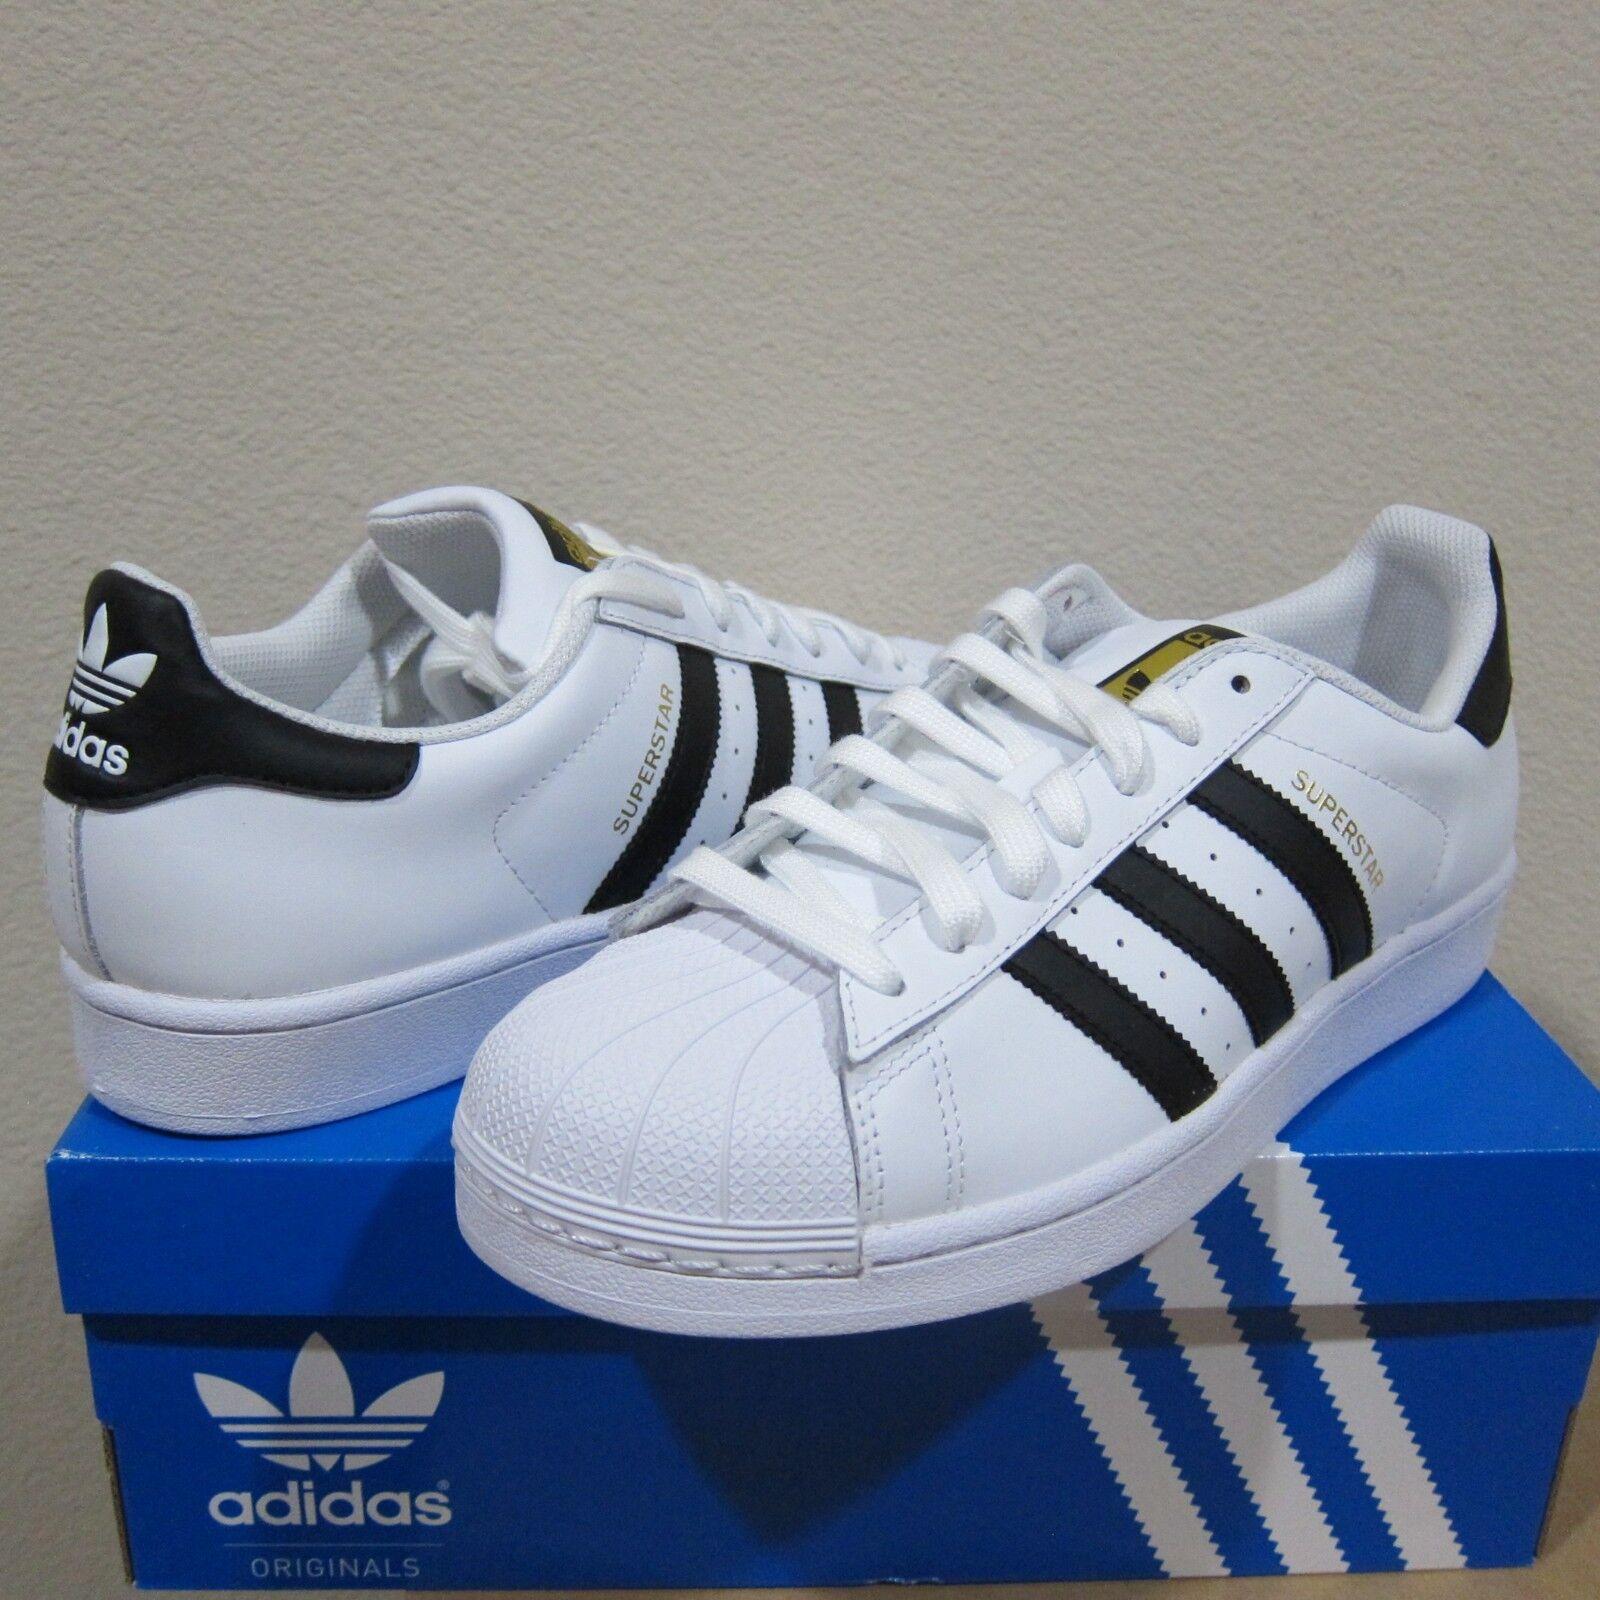 Adidas Originals Superstar hombre Zapatos para hombre Superstar Blanco/negro/oro TENIS 0d1aa7